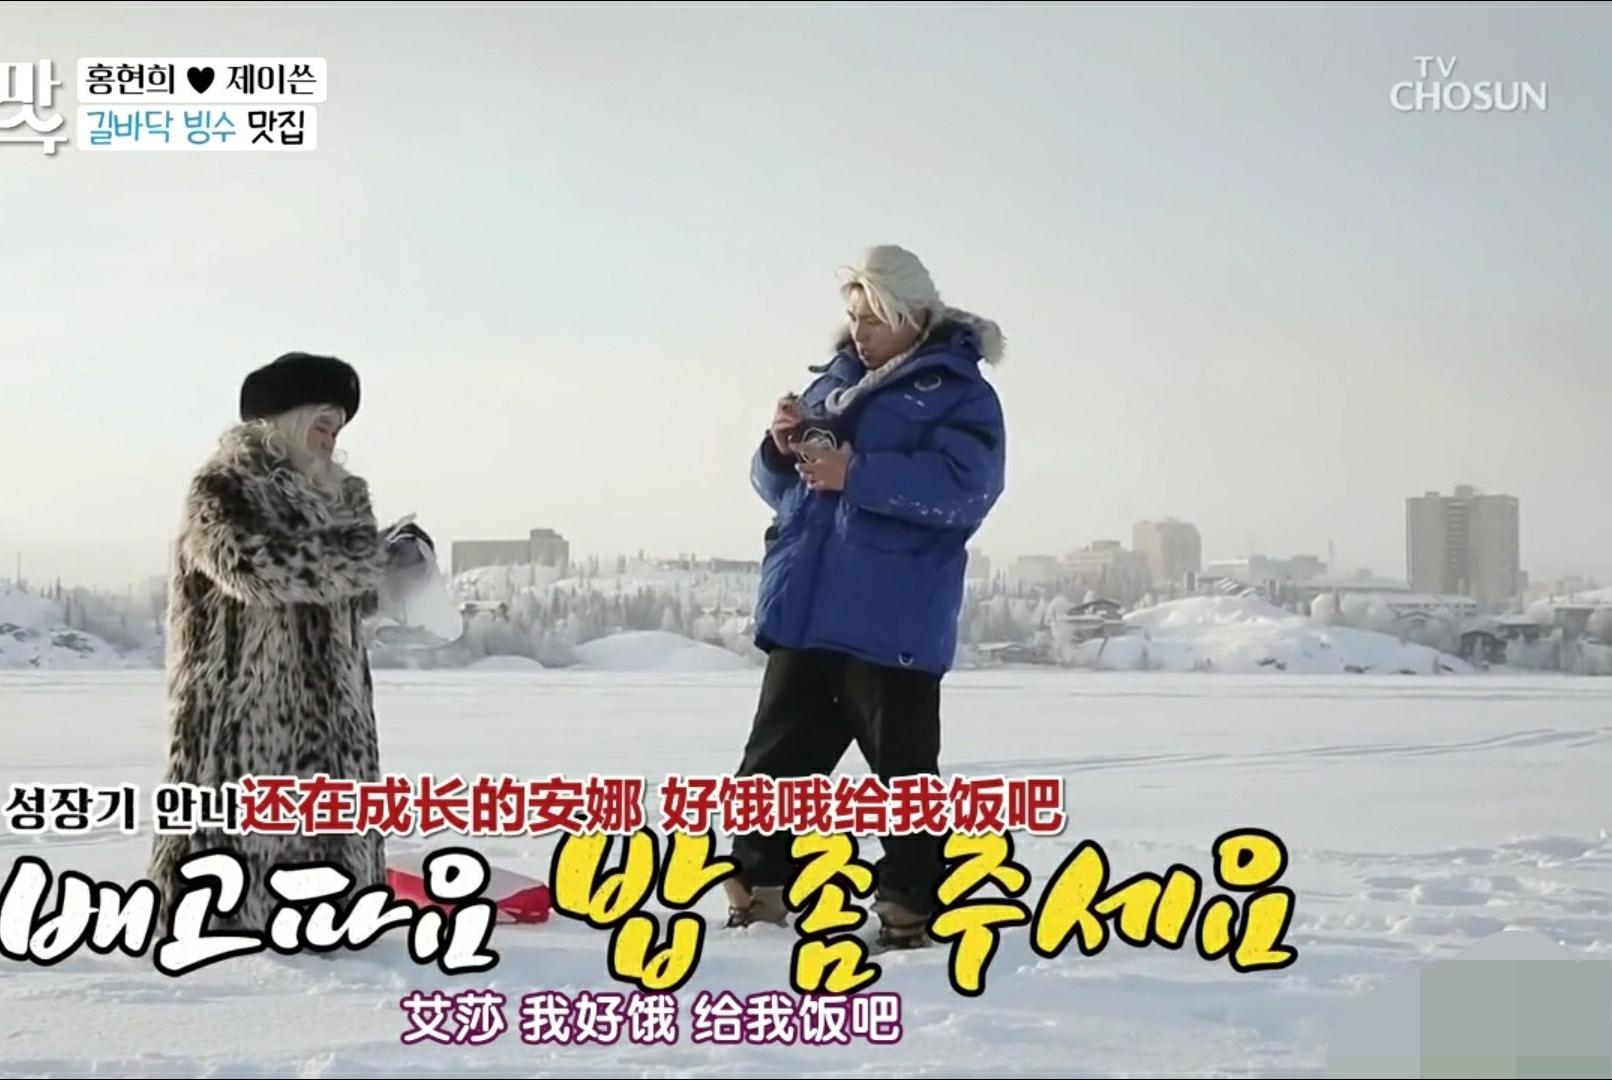 韩国明星夫妻俩玩cosplay,在雪上撒糖浆,两人吃的不亦乐乎!